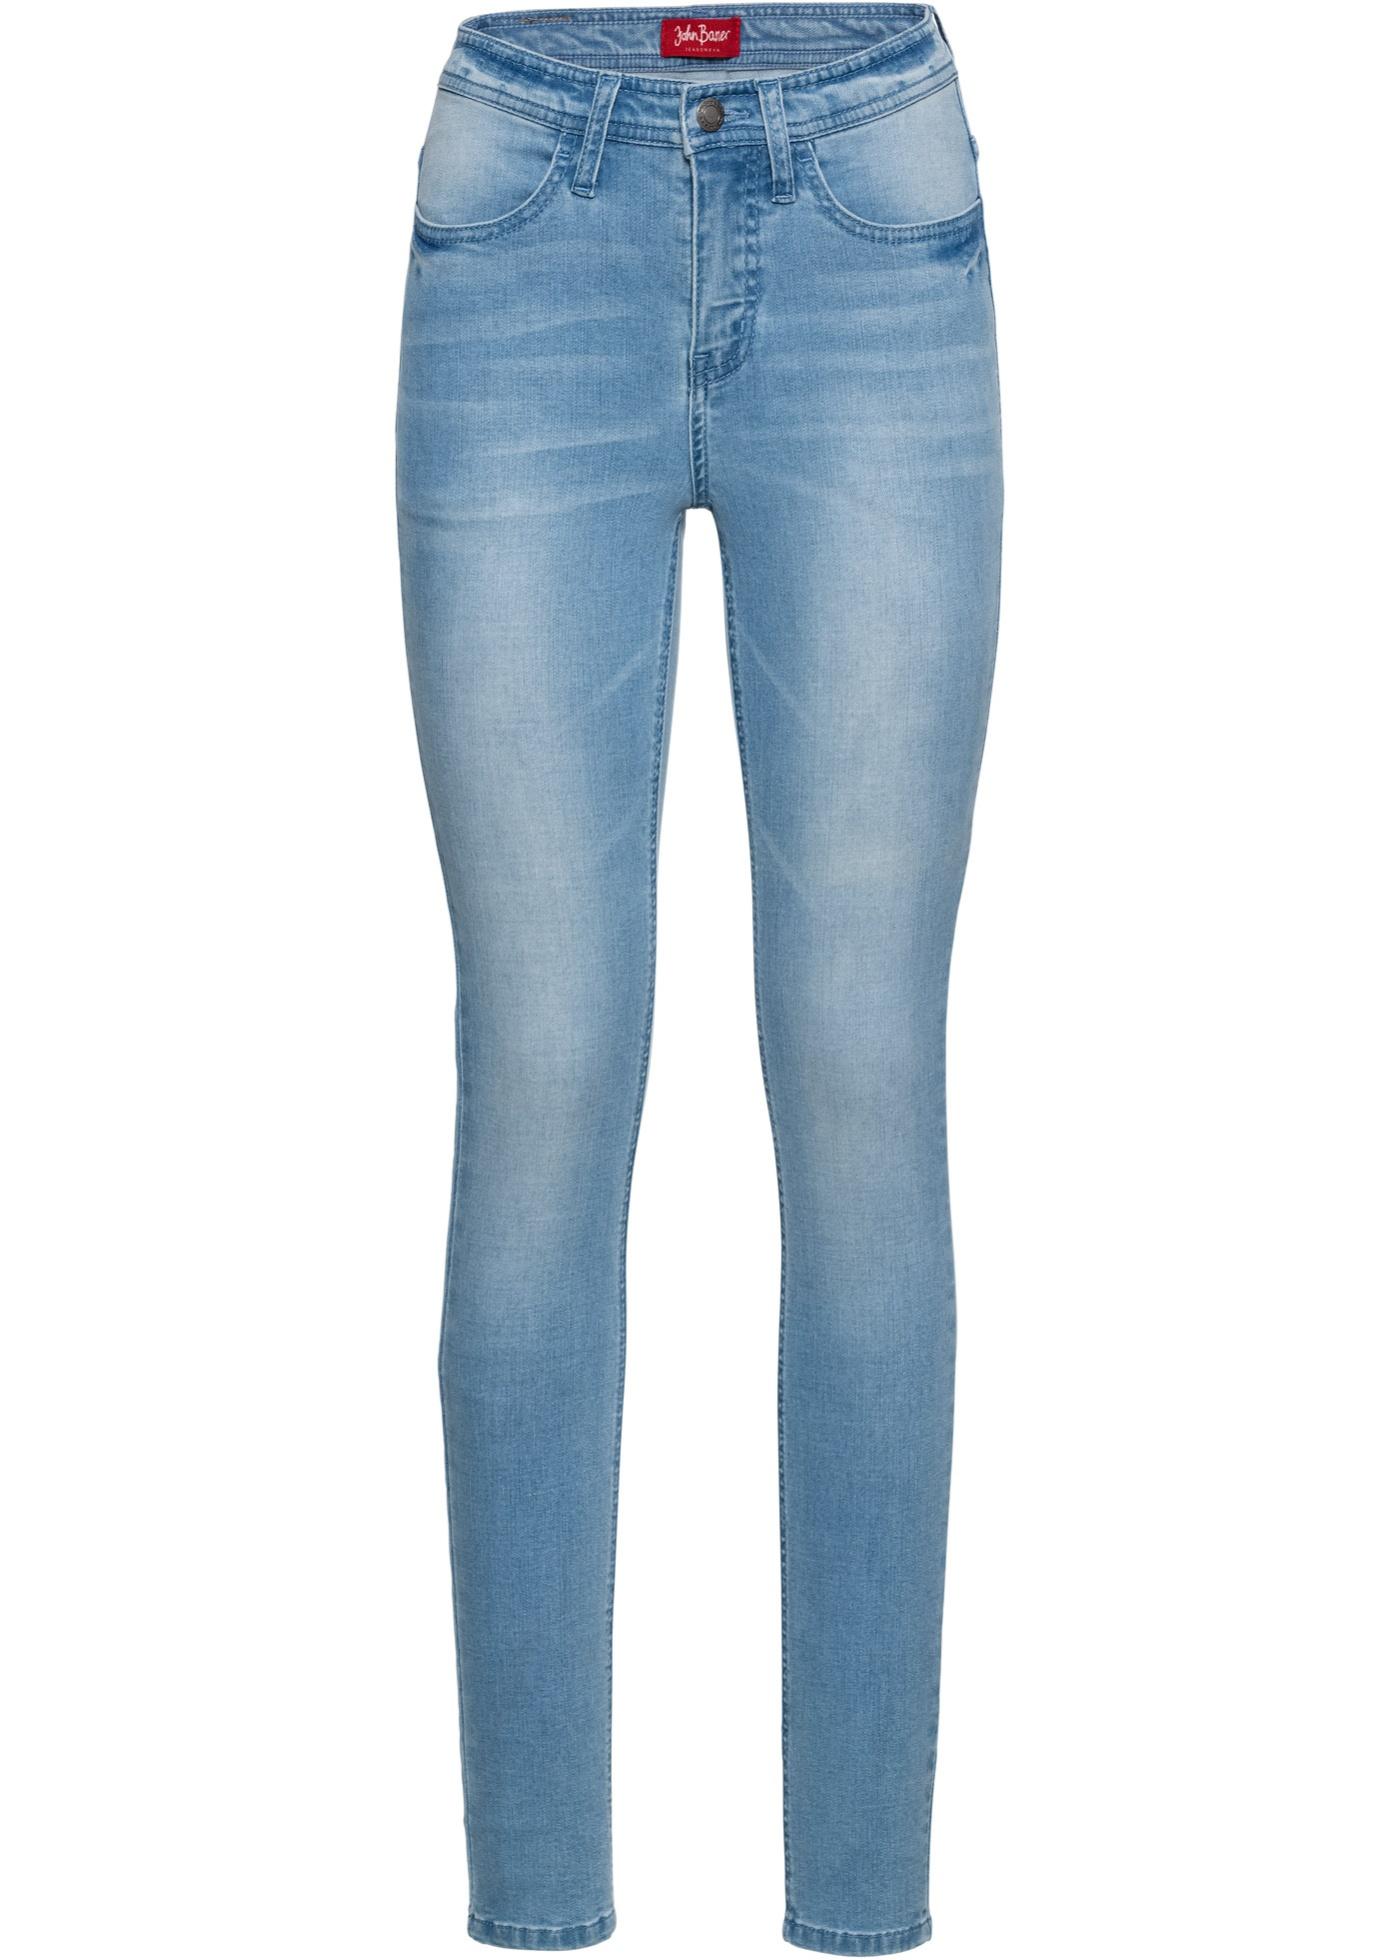 Bonprix - Skinny jeans 349.00